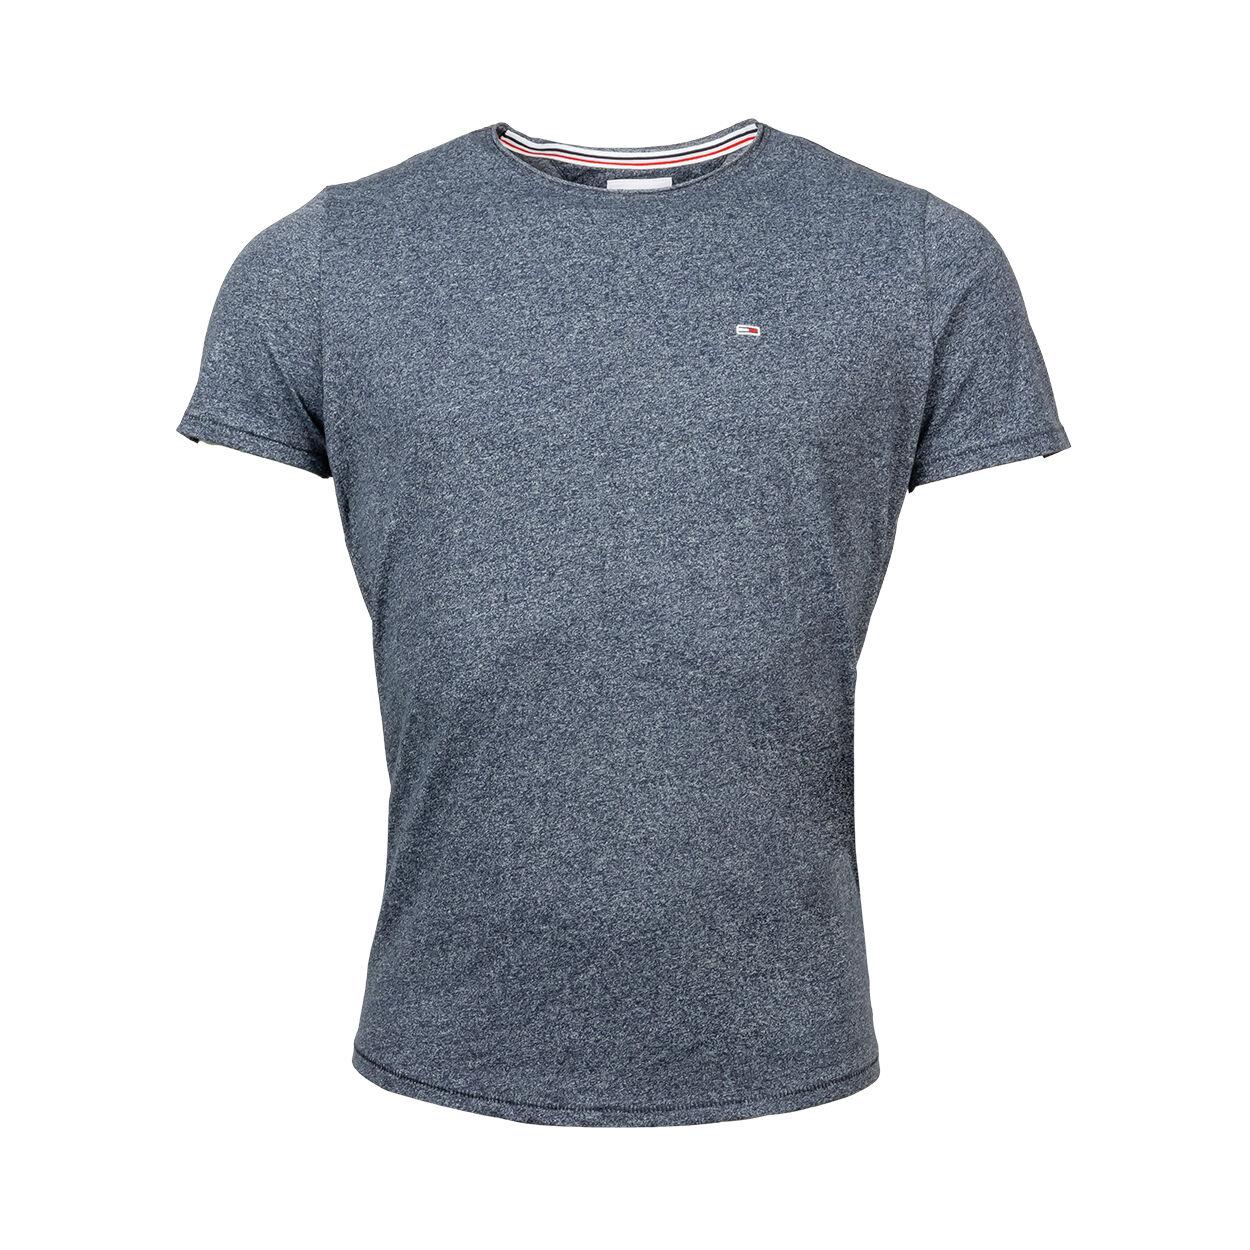 Tommy Jeans Tee-shirt col rond Tommy Jeans en coton bio mélangé bleu marine chiné - BLEU MARINE - XL